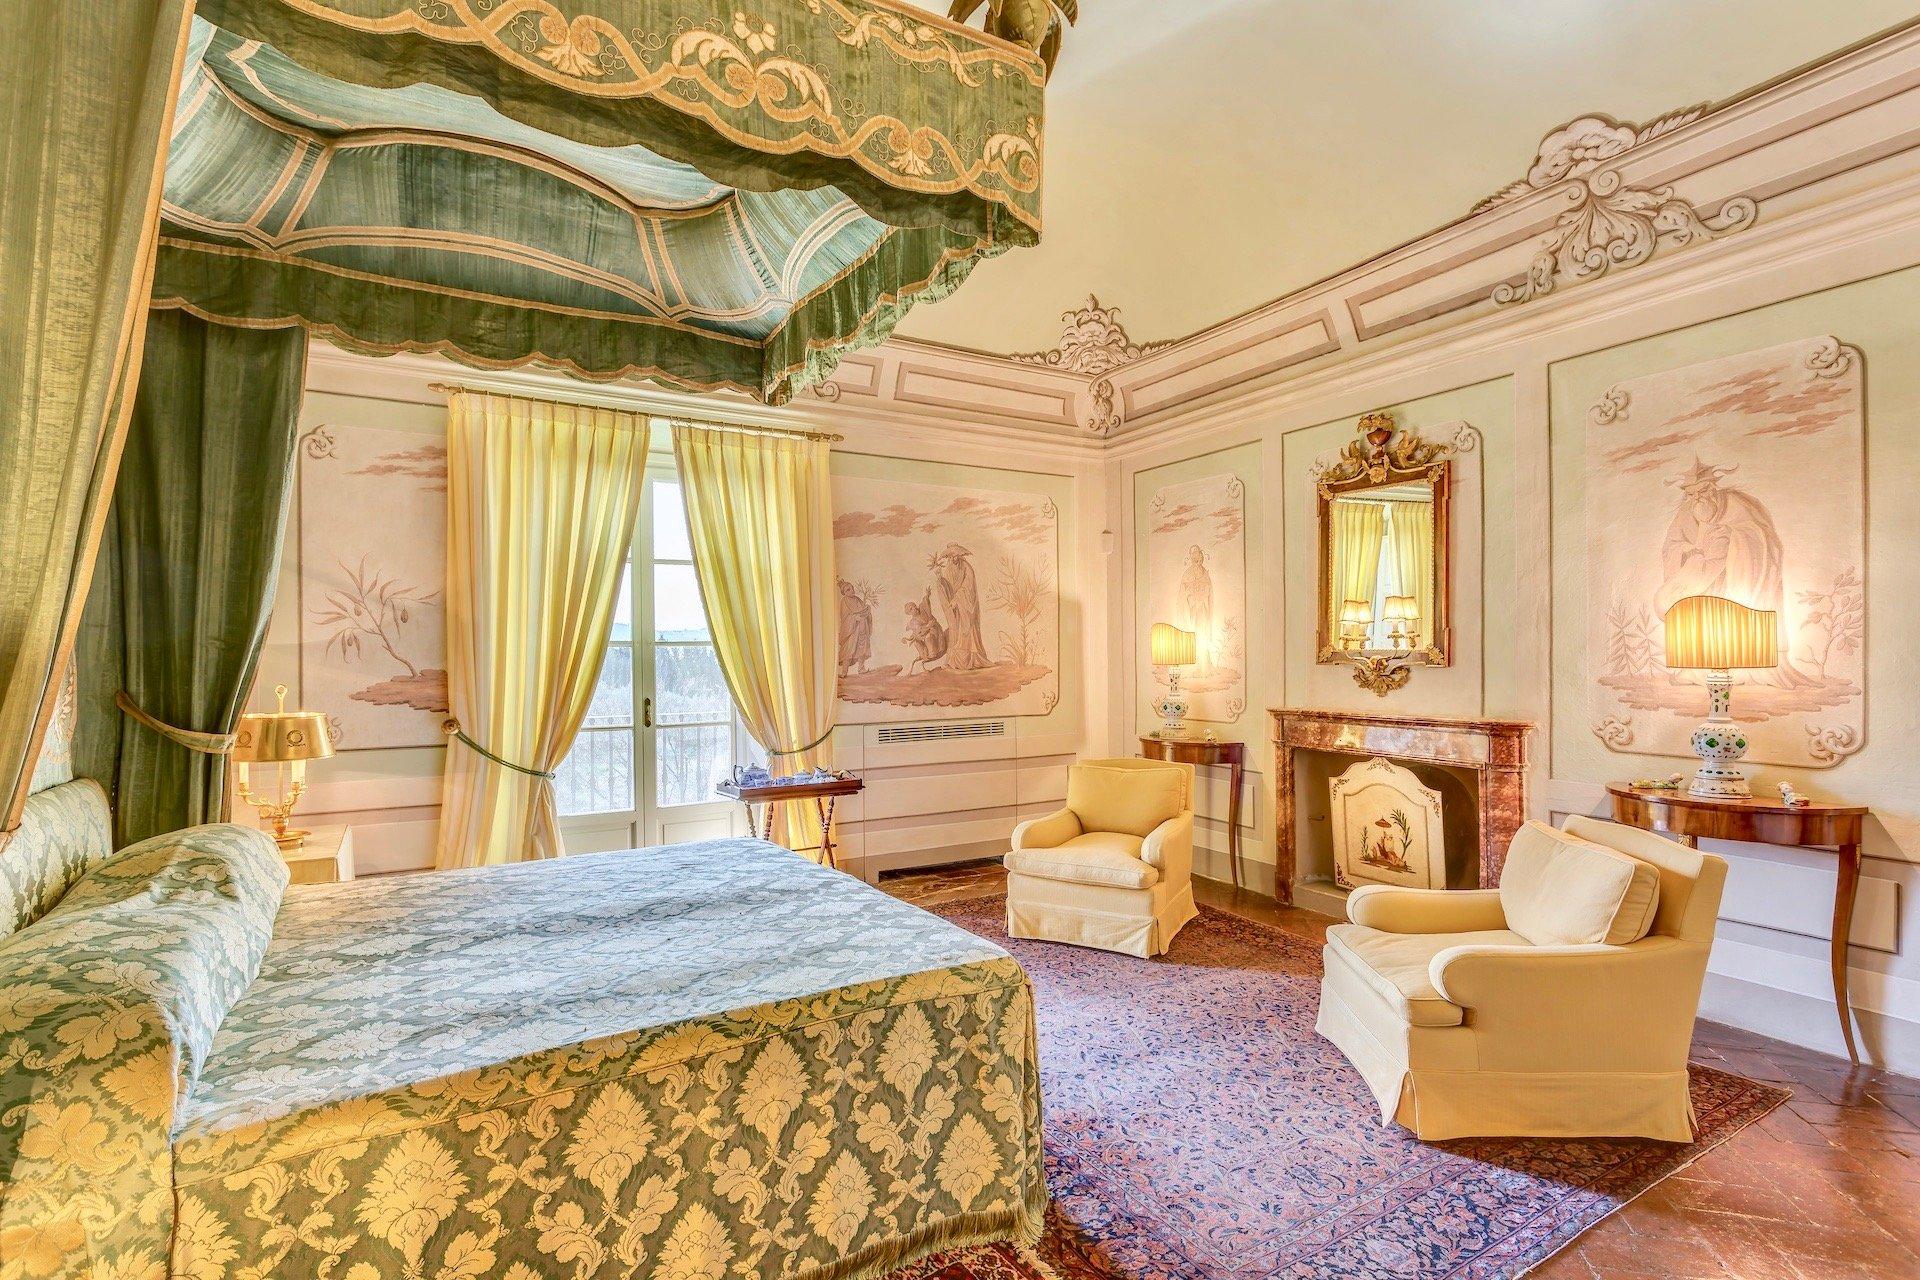 35.The Oriental Bedroom